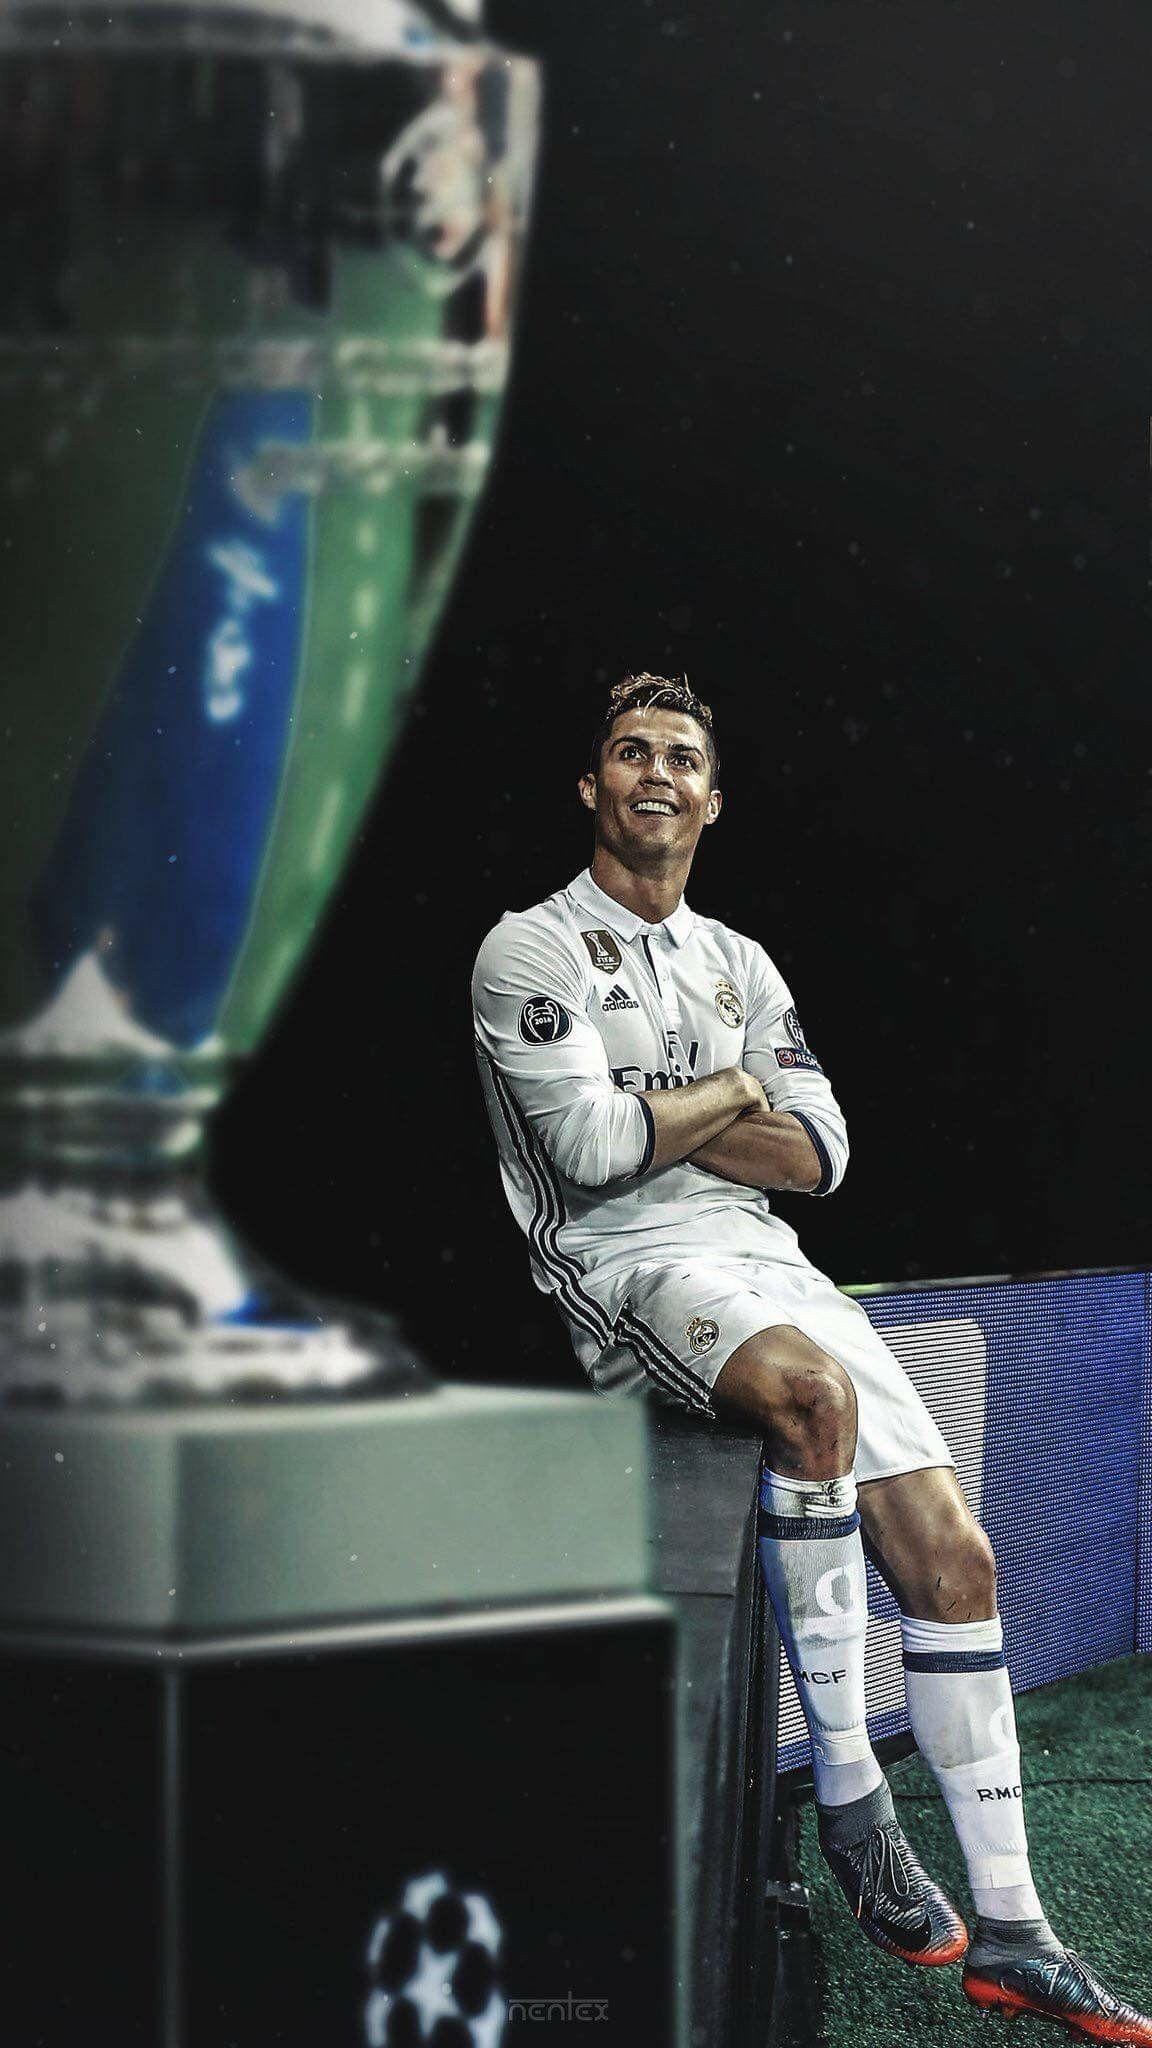 Pin By Islem Bnl On Cristiano Ronaldo Ronaldo Real Madrid Cristiano Ronaldo Wallpapers Ronaldo Wallpapers